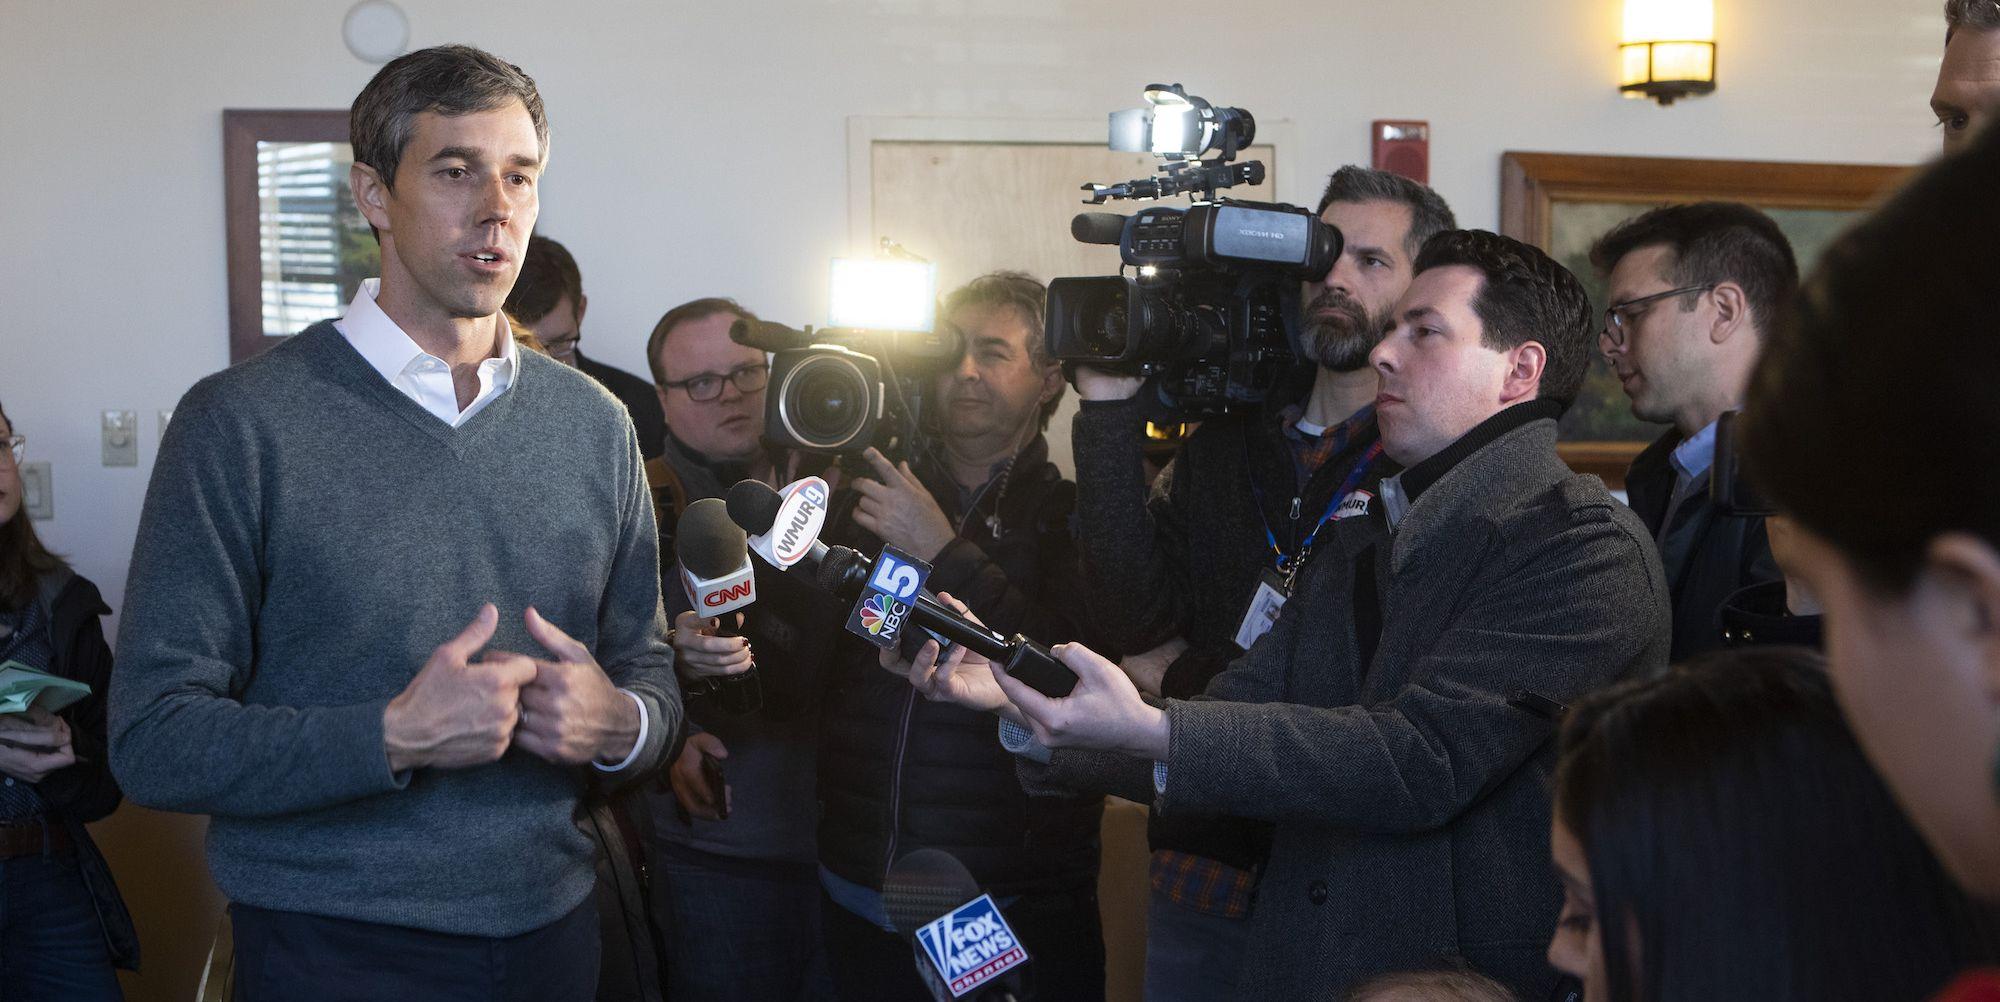 Beto O'Rourke campaigns in New Hampshire